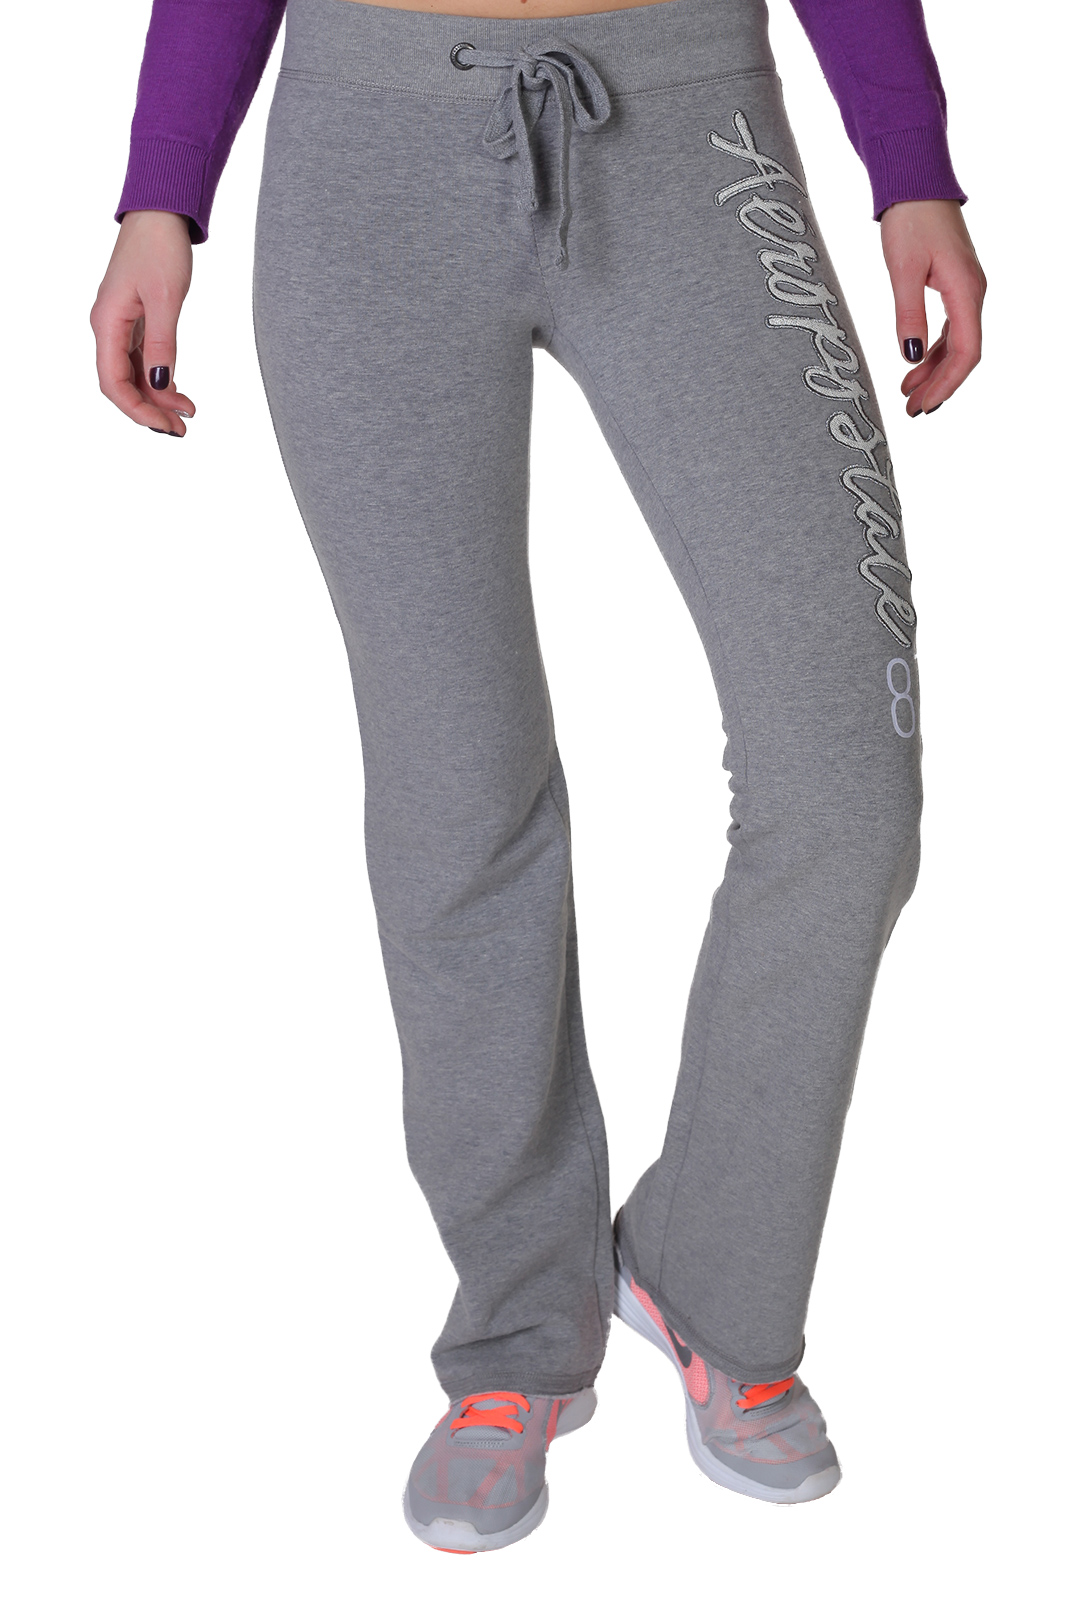 Купить теплые женские брюки на флисе в интернет магазине Военпро